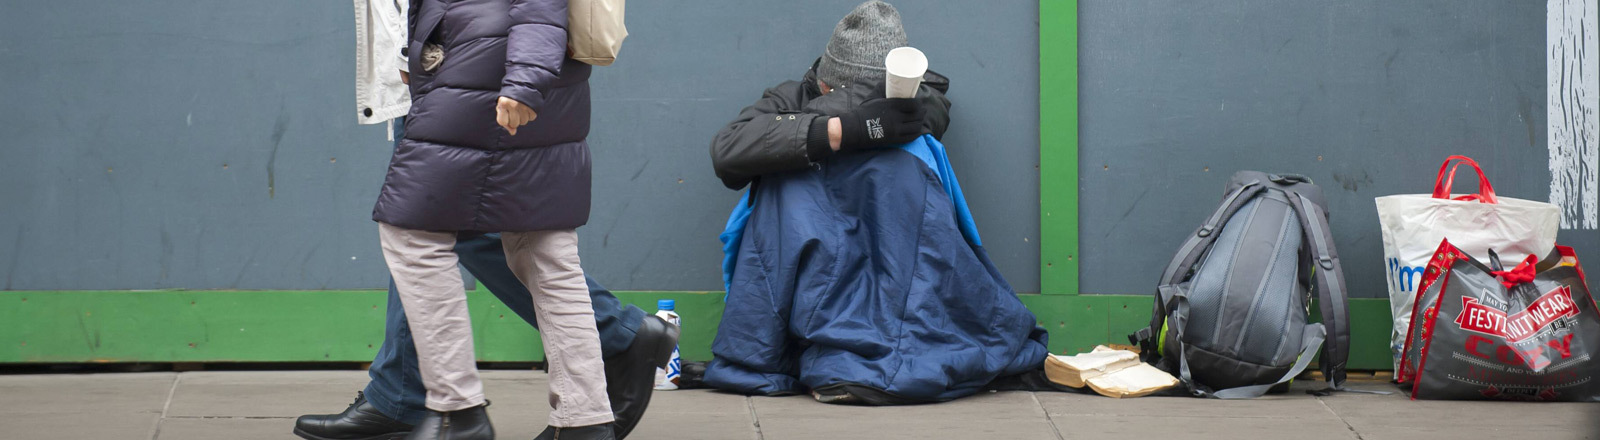 Ein Obdachloser sitzt auf einer Straße in Großbritannien und wartet auf eine Geldspende.